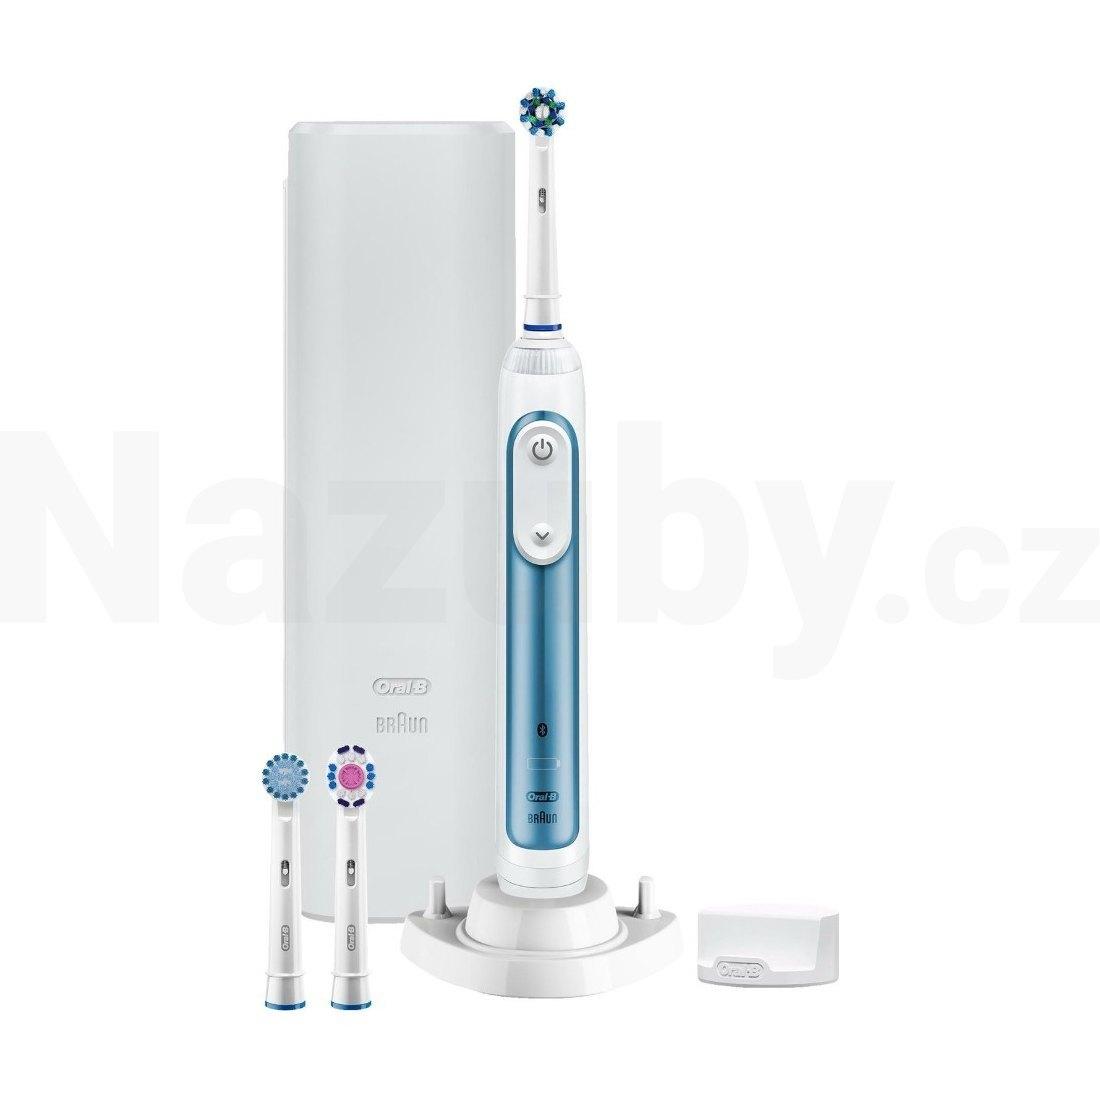 Braun Oral-B Smart 6 6000N zubní kartáček - 100 dní na vrácení zboží